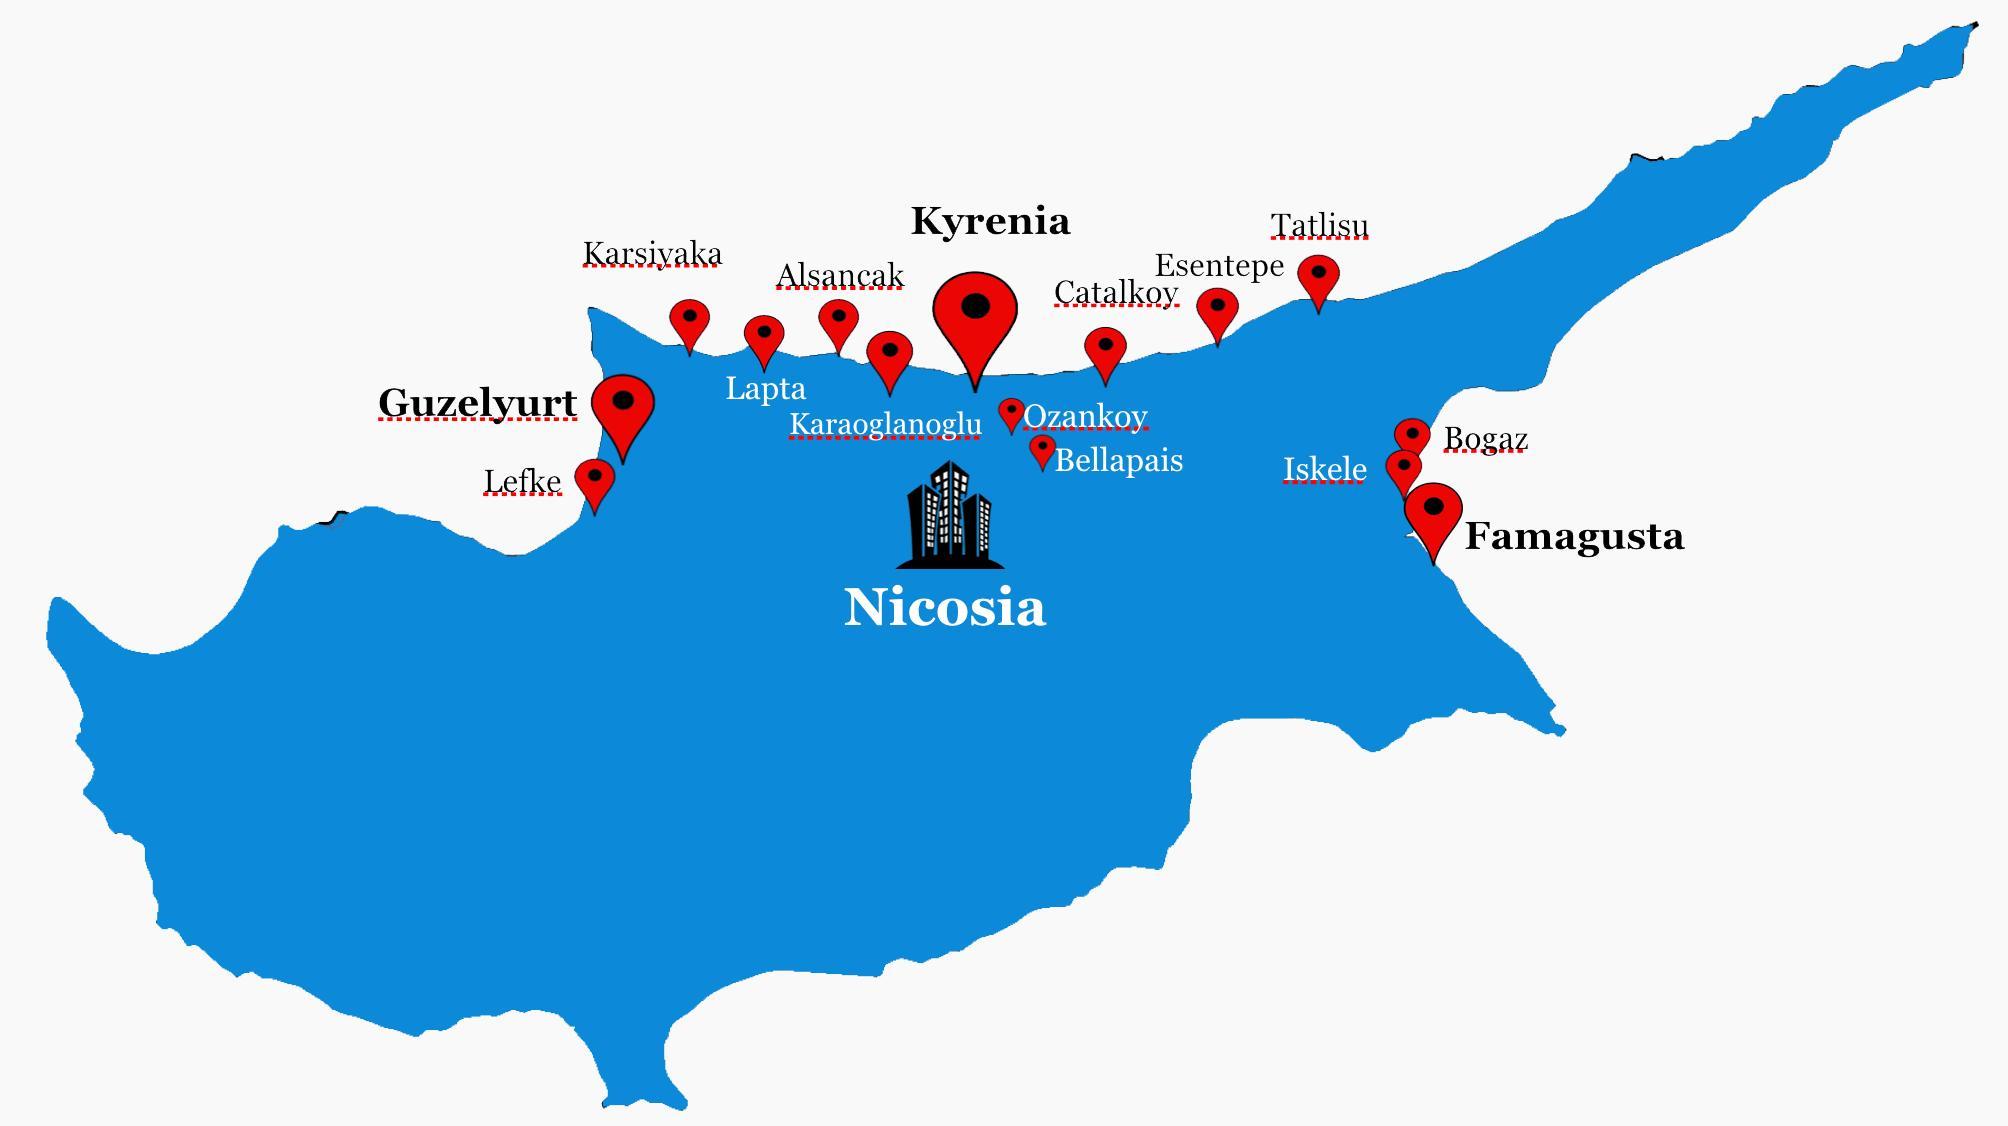 Pohjois Kyproksen Kartta Pohjois Kypros Tie Kartta Etela